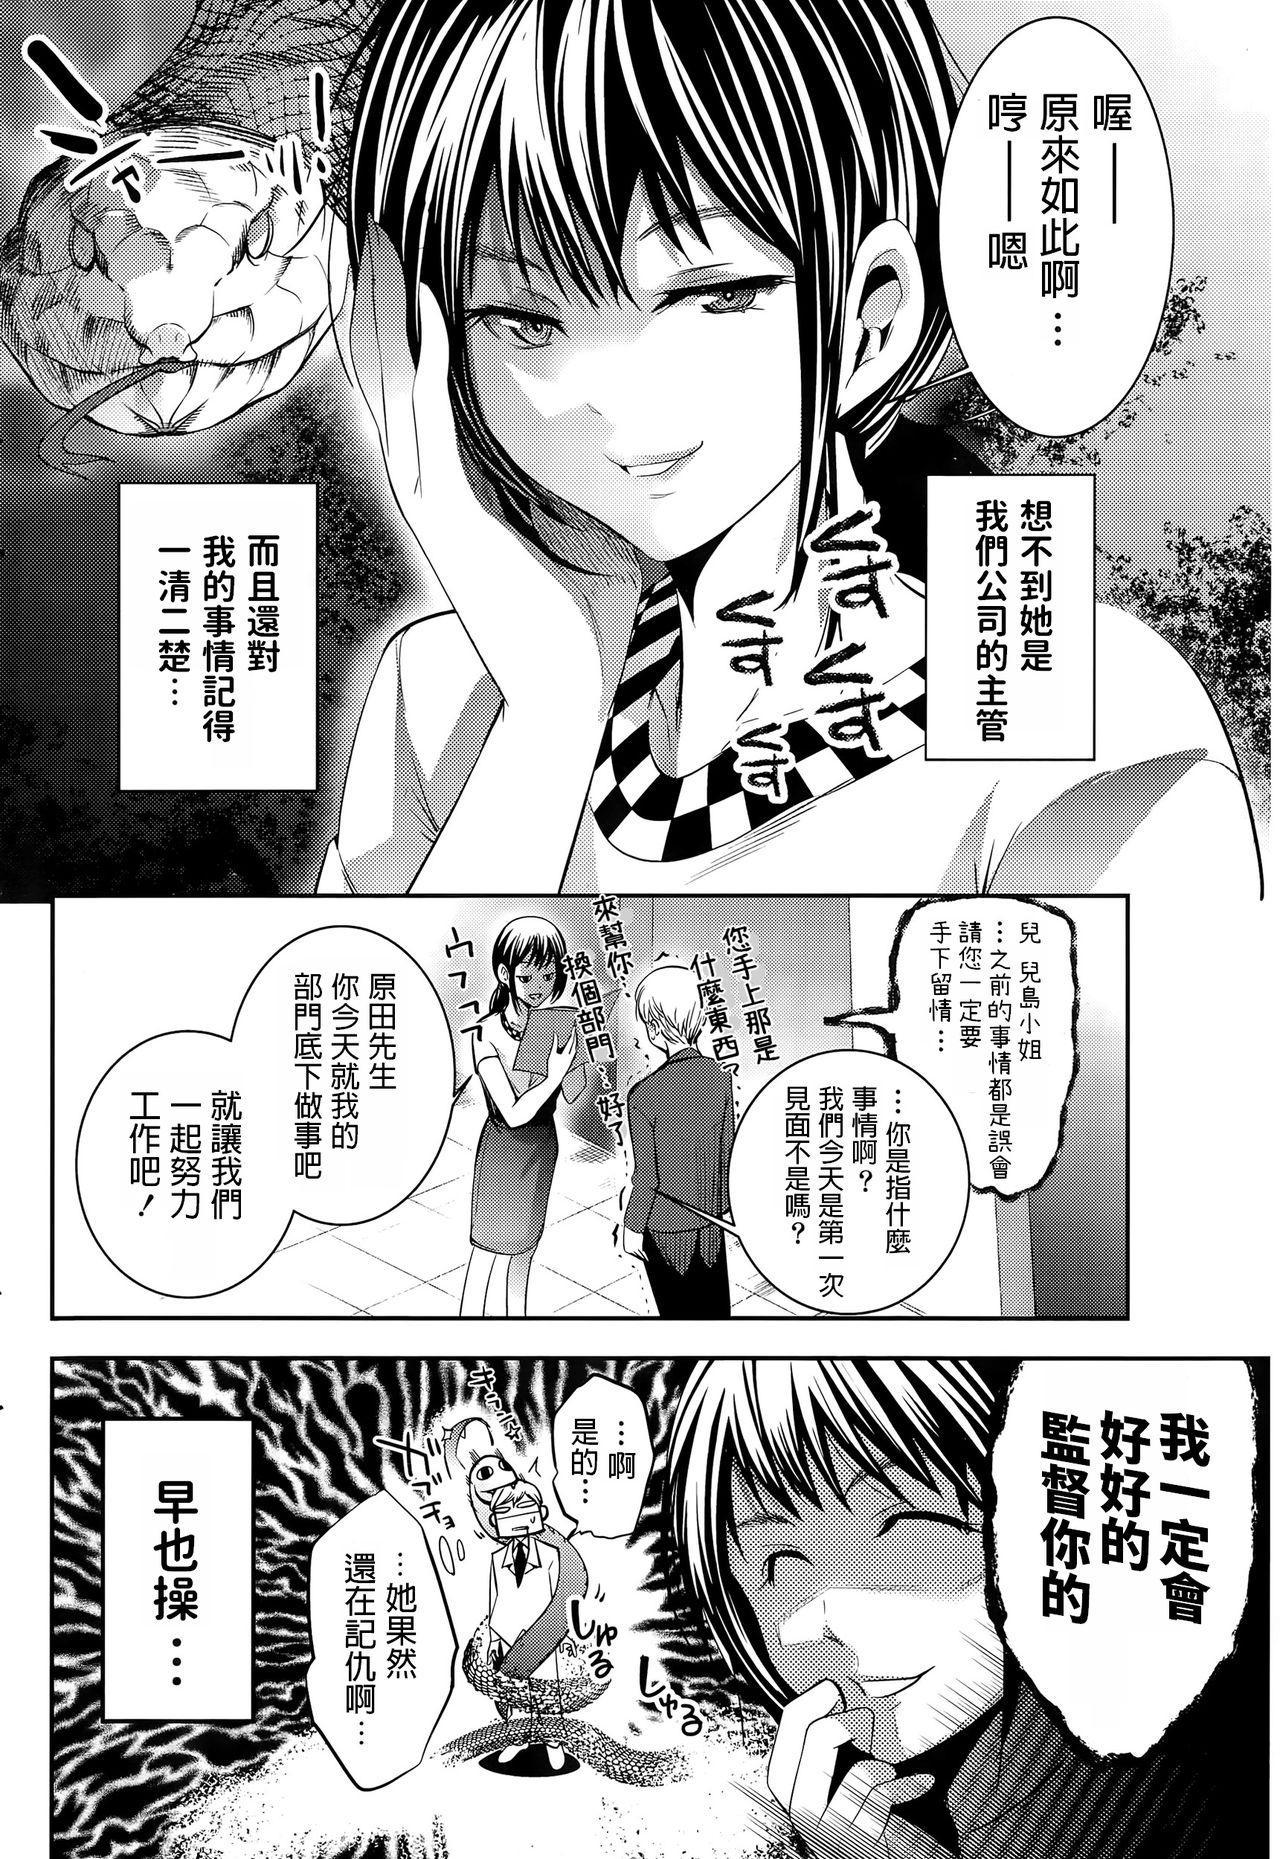 Himitsu Kichi no Himitsu 5